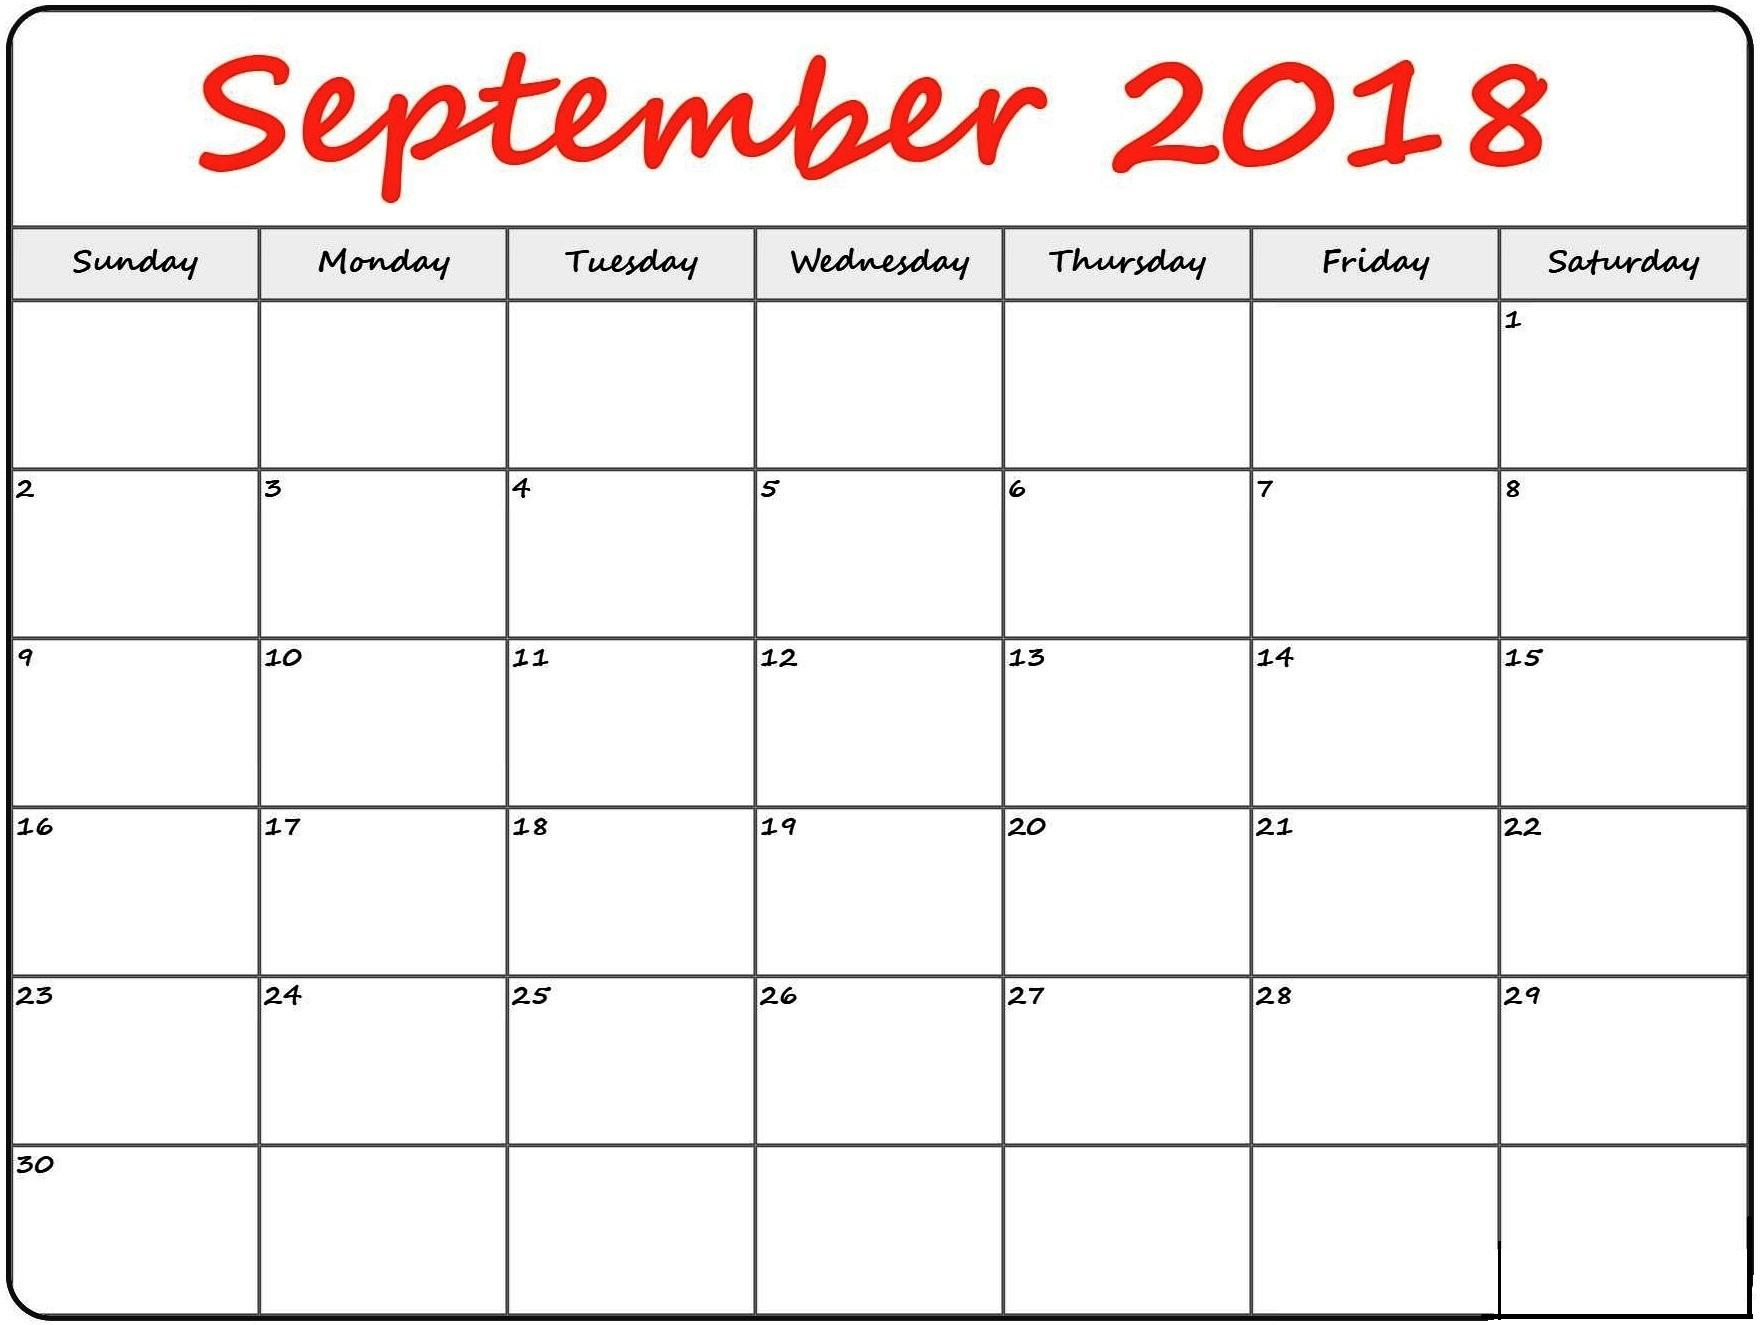 September 2018 Calendar Blank for Blank Printable September Calendar